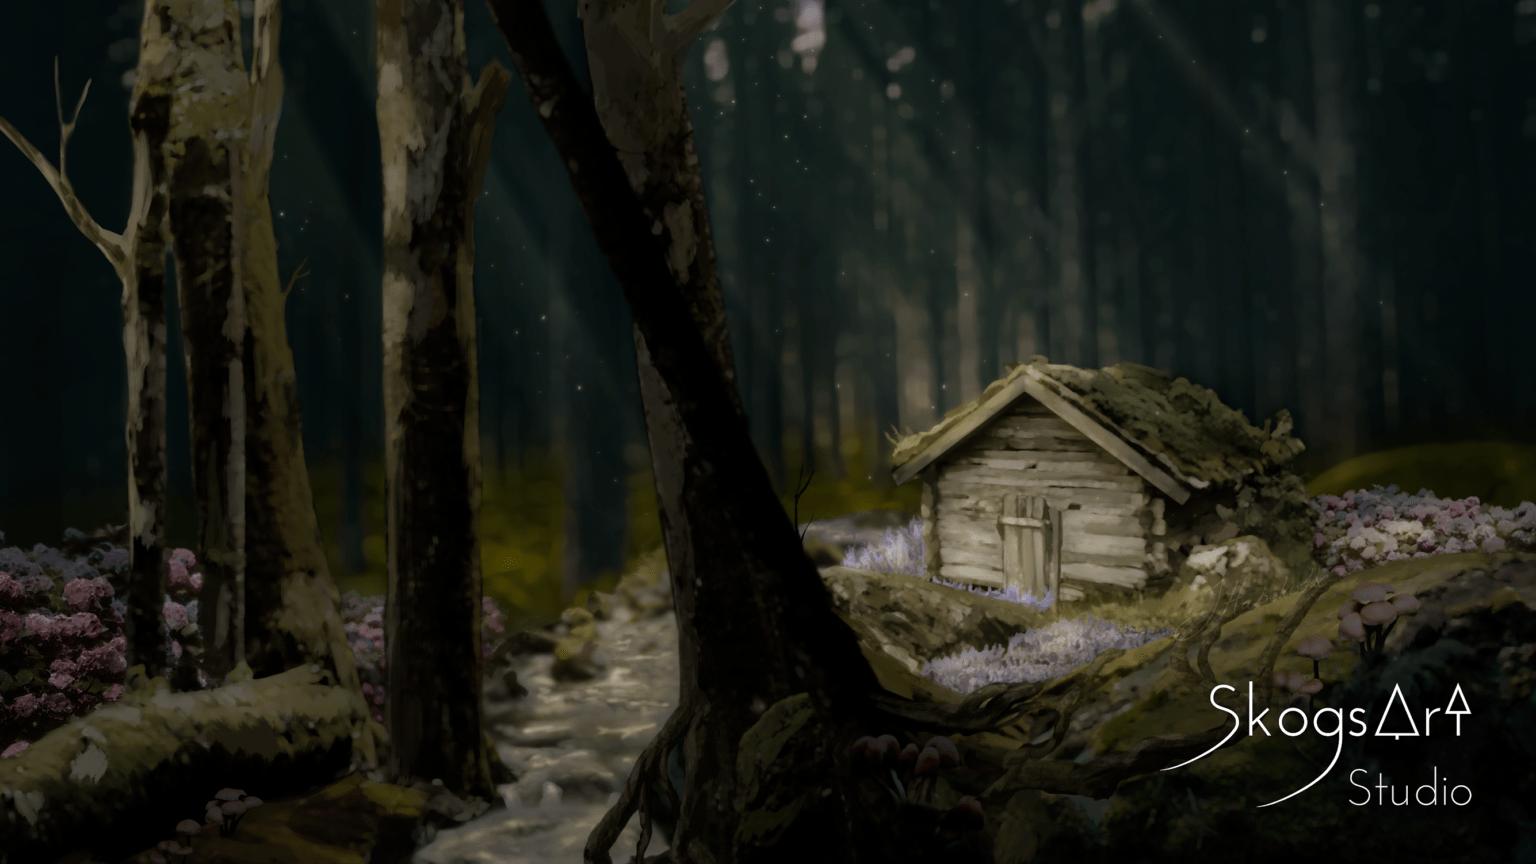 Artwork by SkogsArt Studio